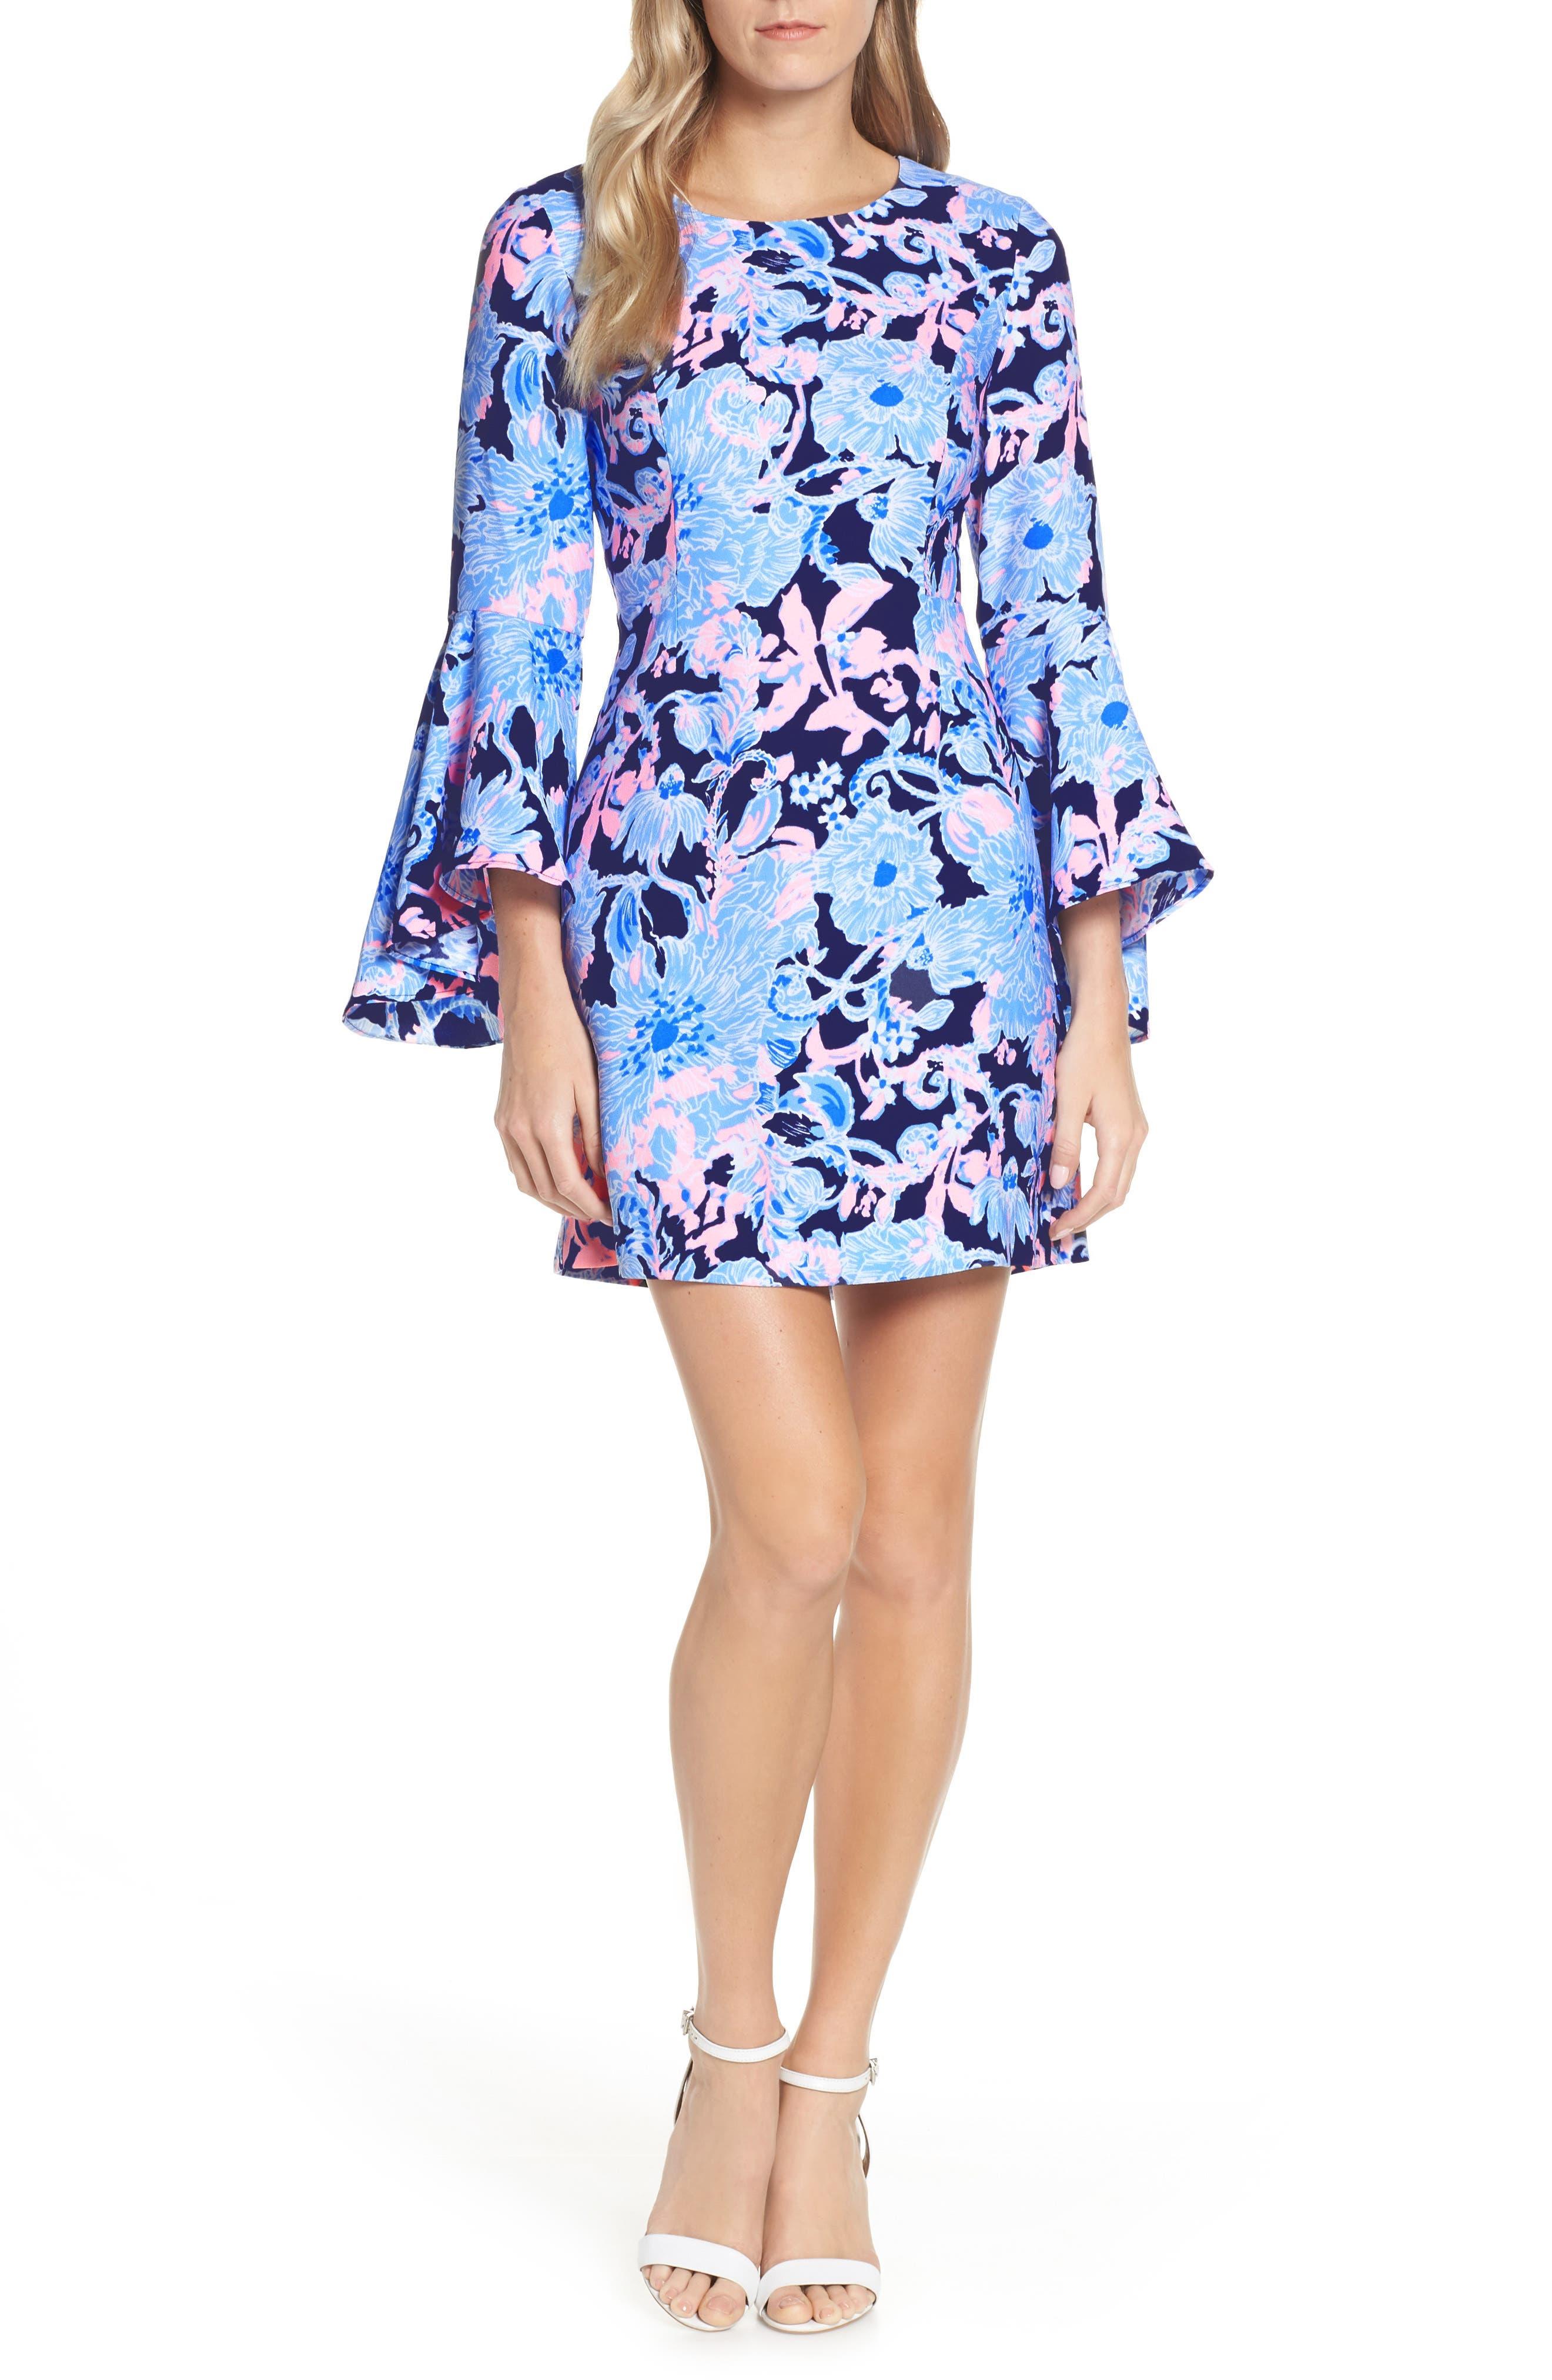 Lilly Pulitzer Kayla Sheath Dress, Blue